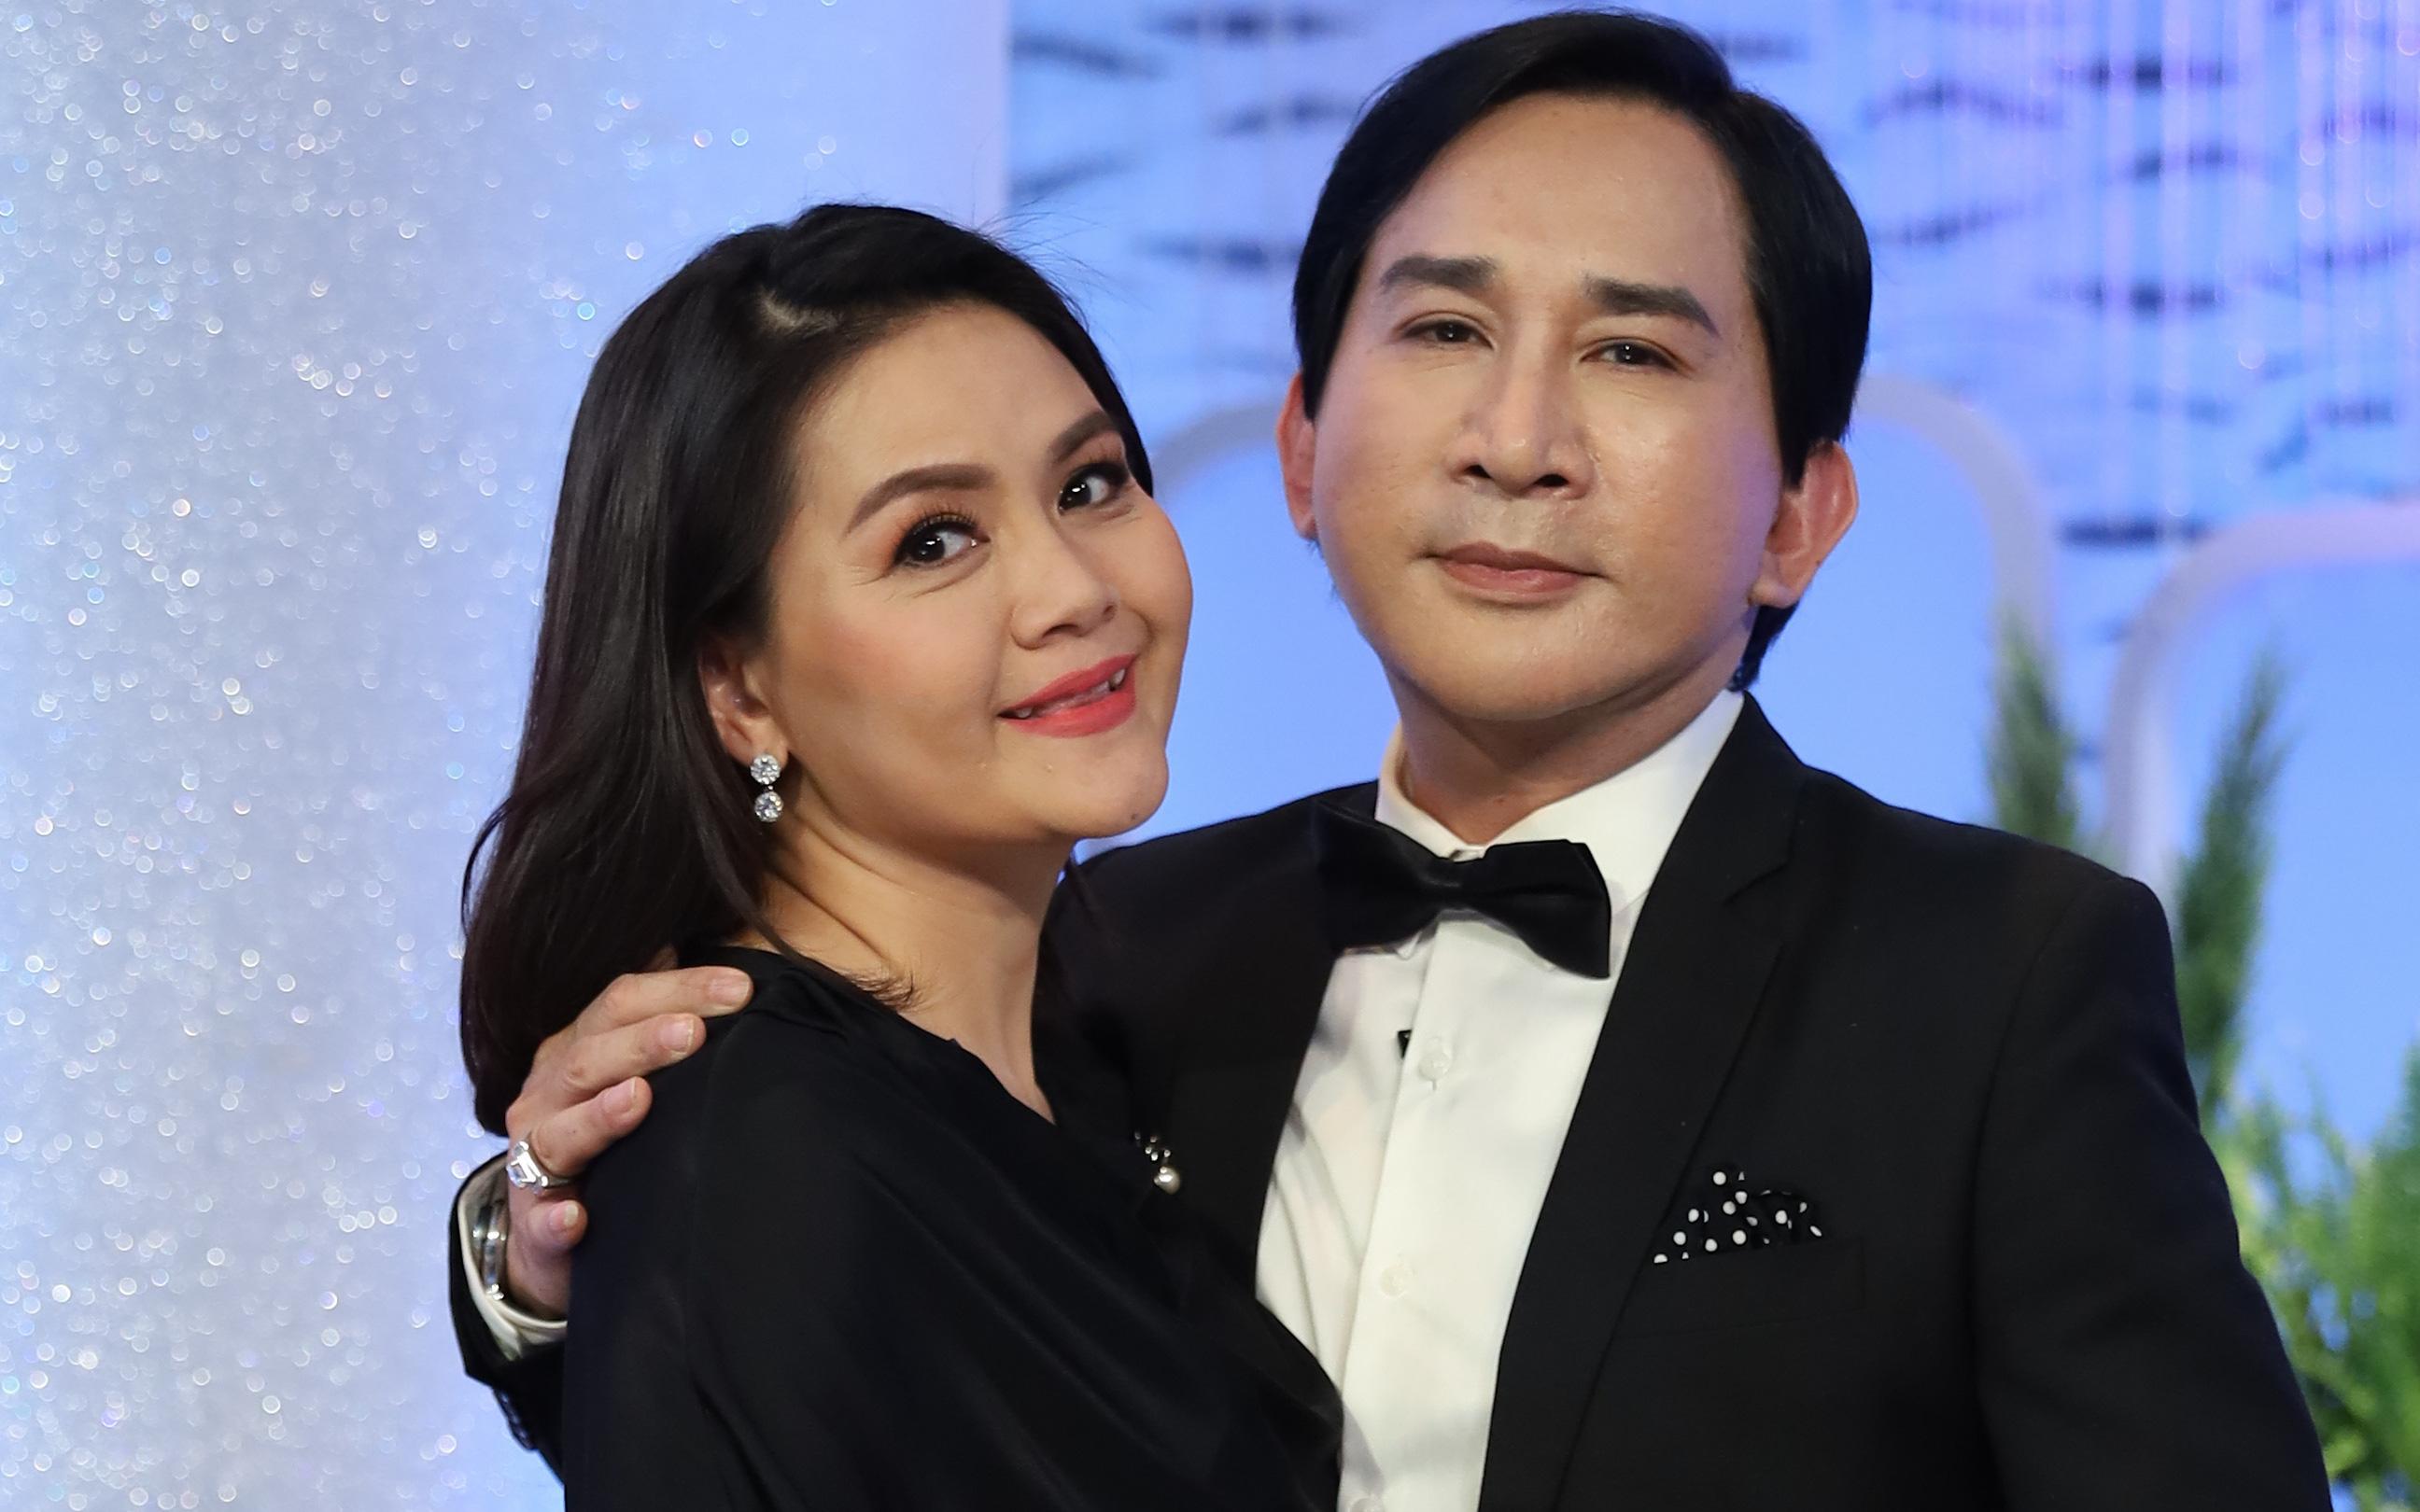 NSƯT Kim Tử Long thừa nhận đã ngoại tình, lén lút hẹn hò sau lưng vợ